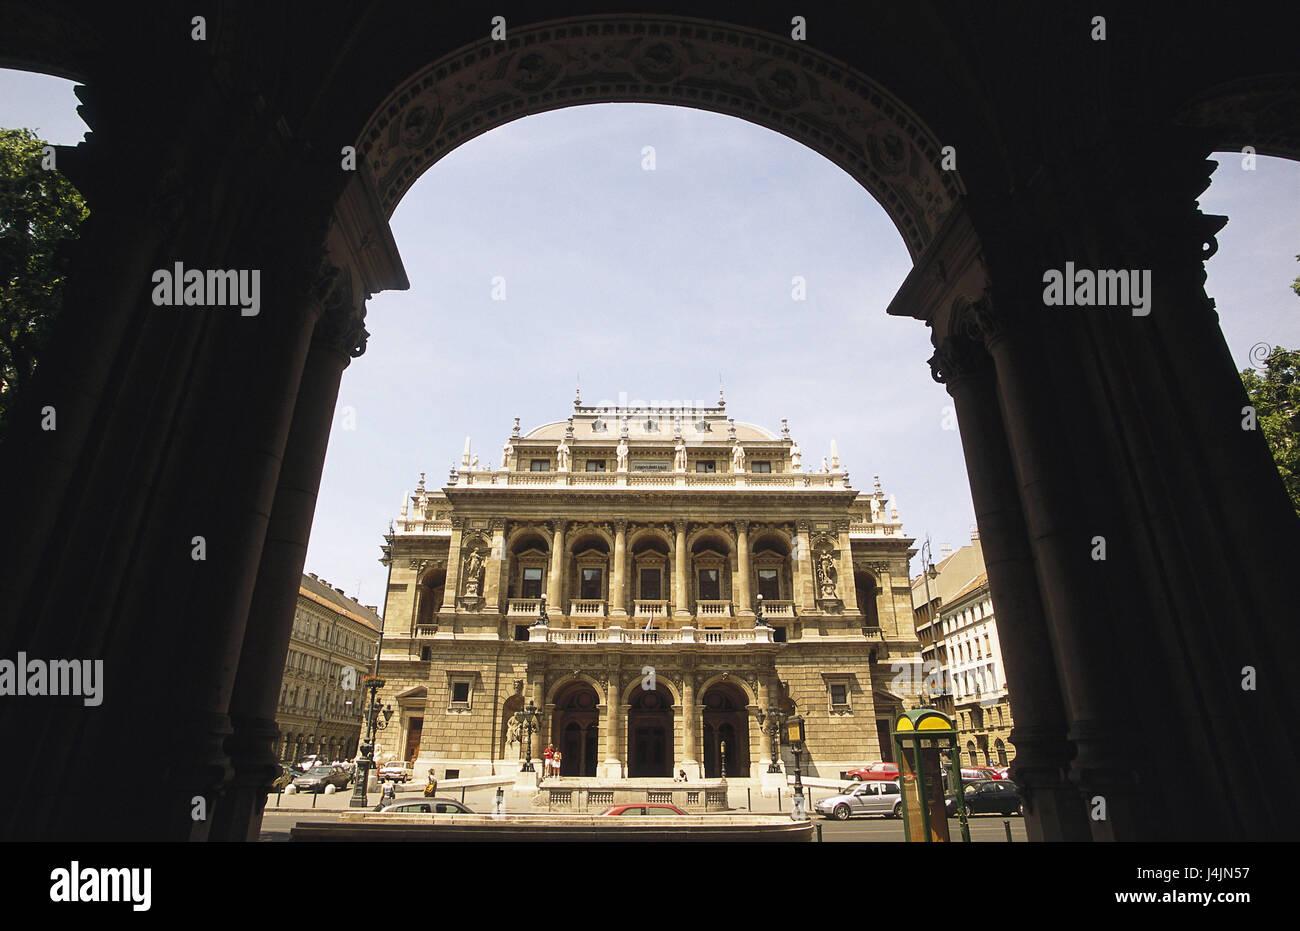 Hungary, Budapest, opera-house, silhouette, arcade Europe, Magyarország, Magyar Köztársaság, - Stock Image